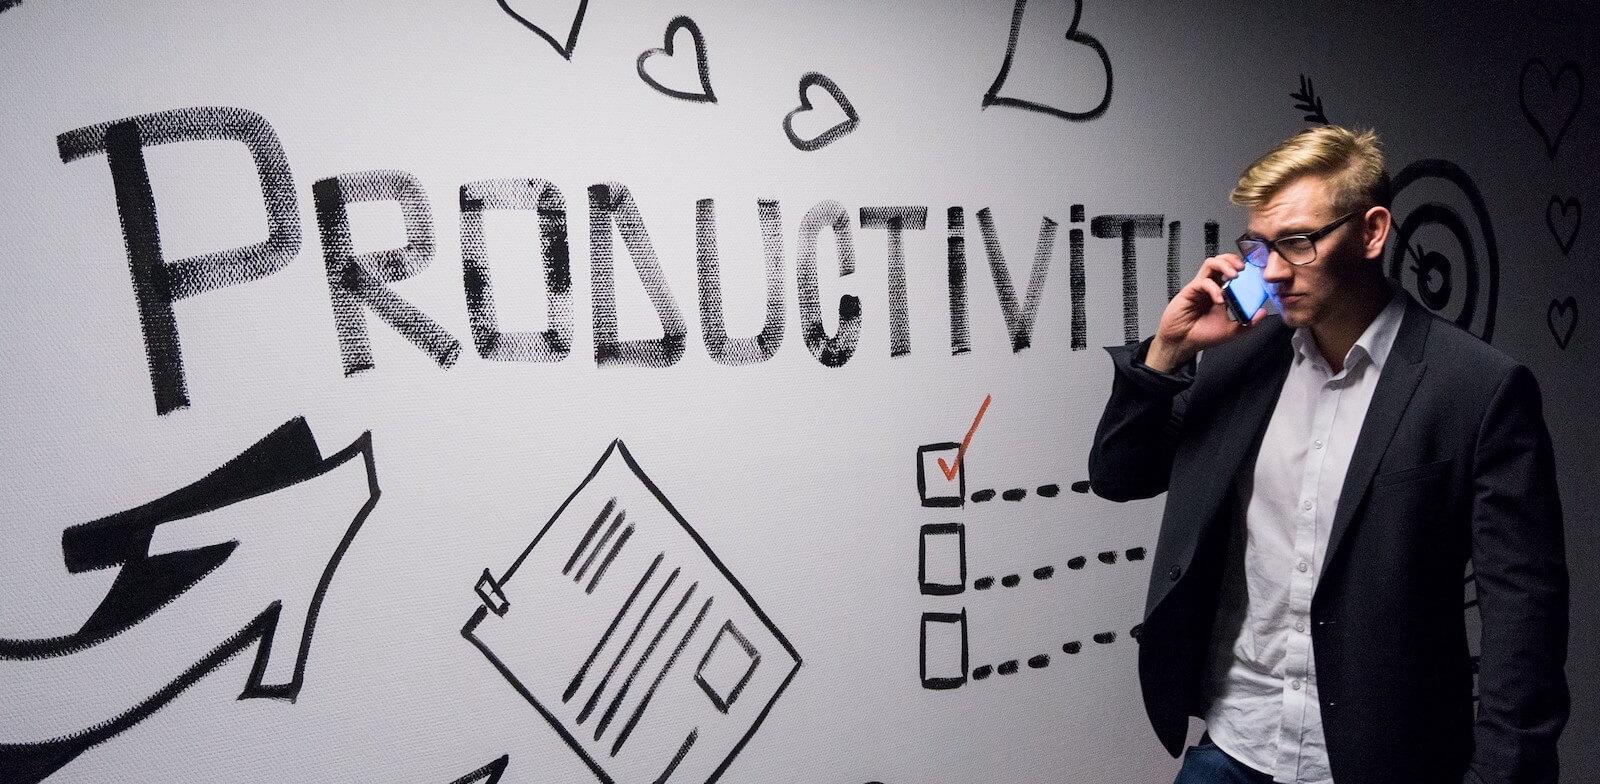 productivity guru